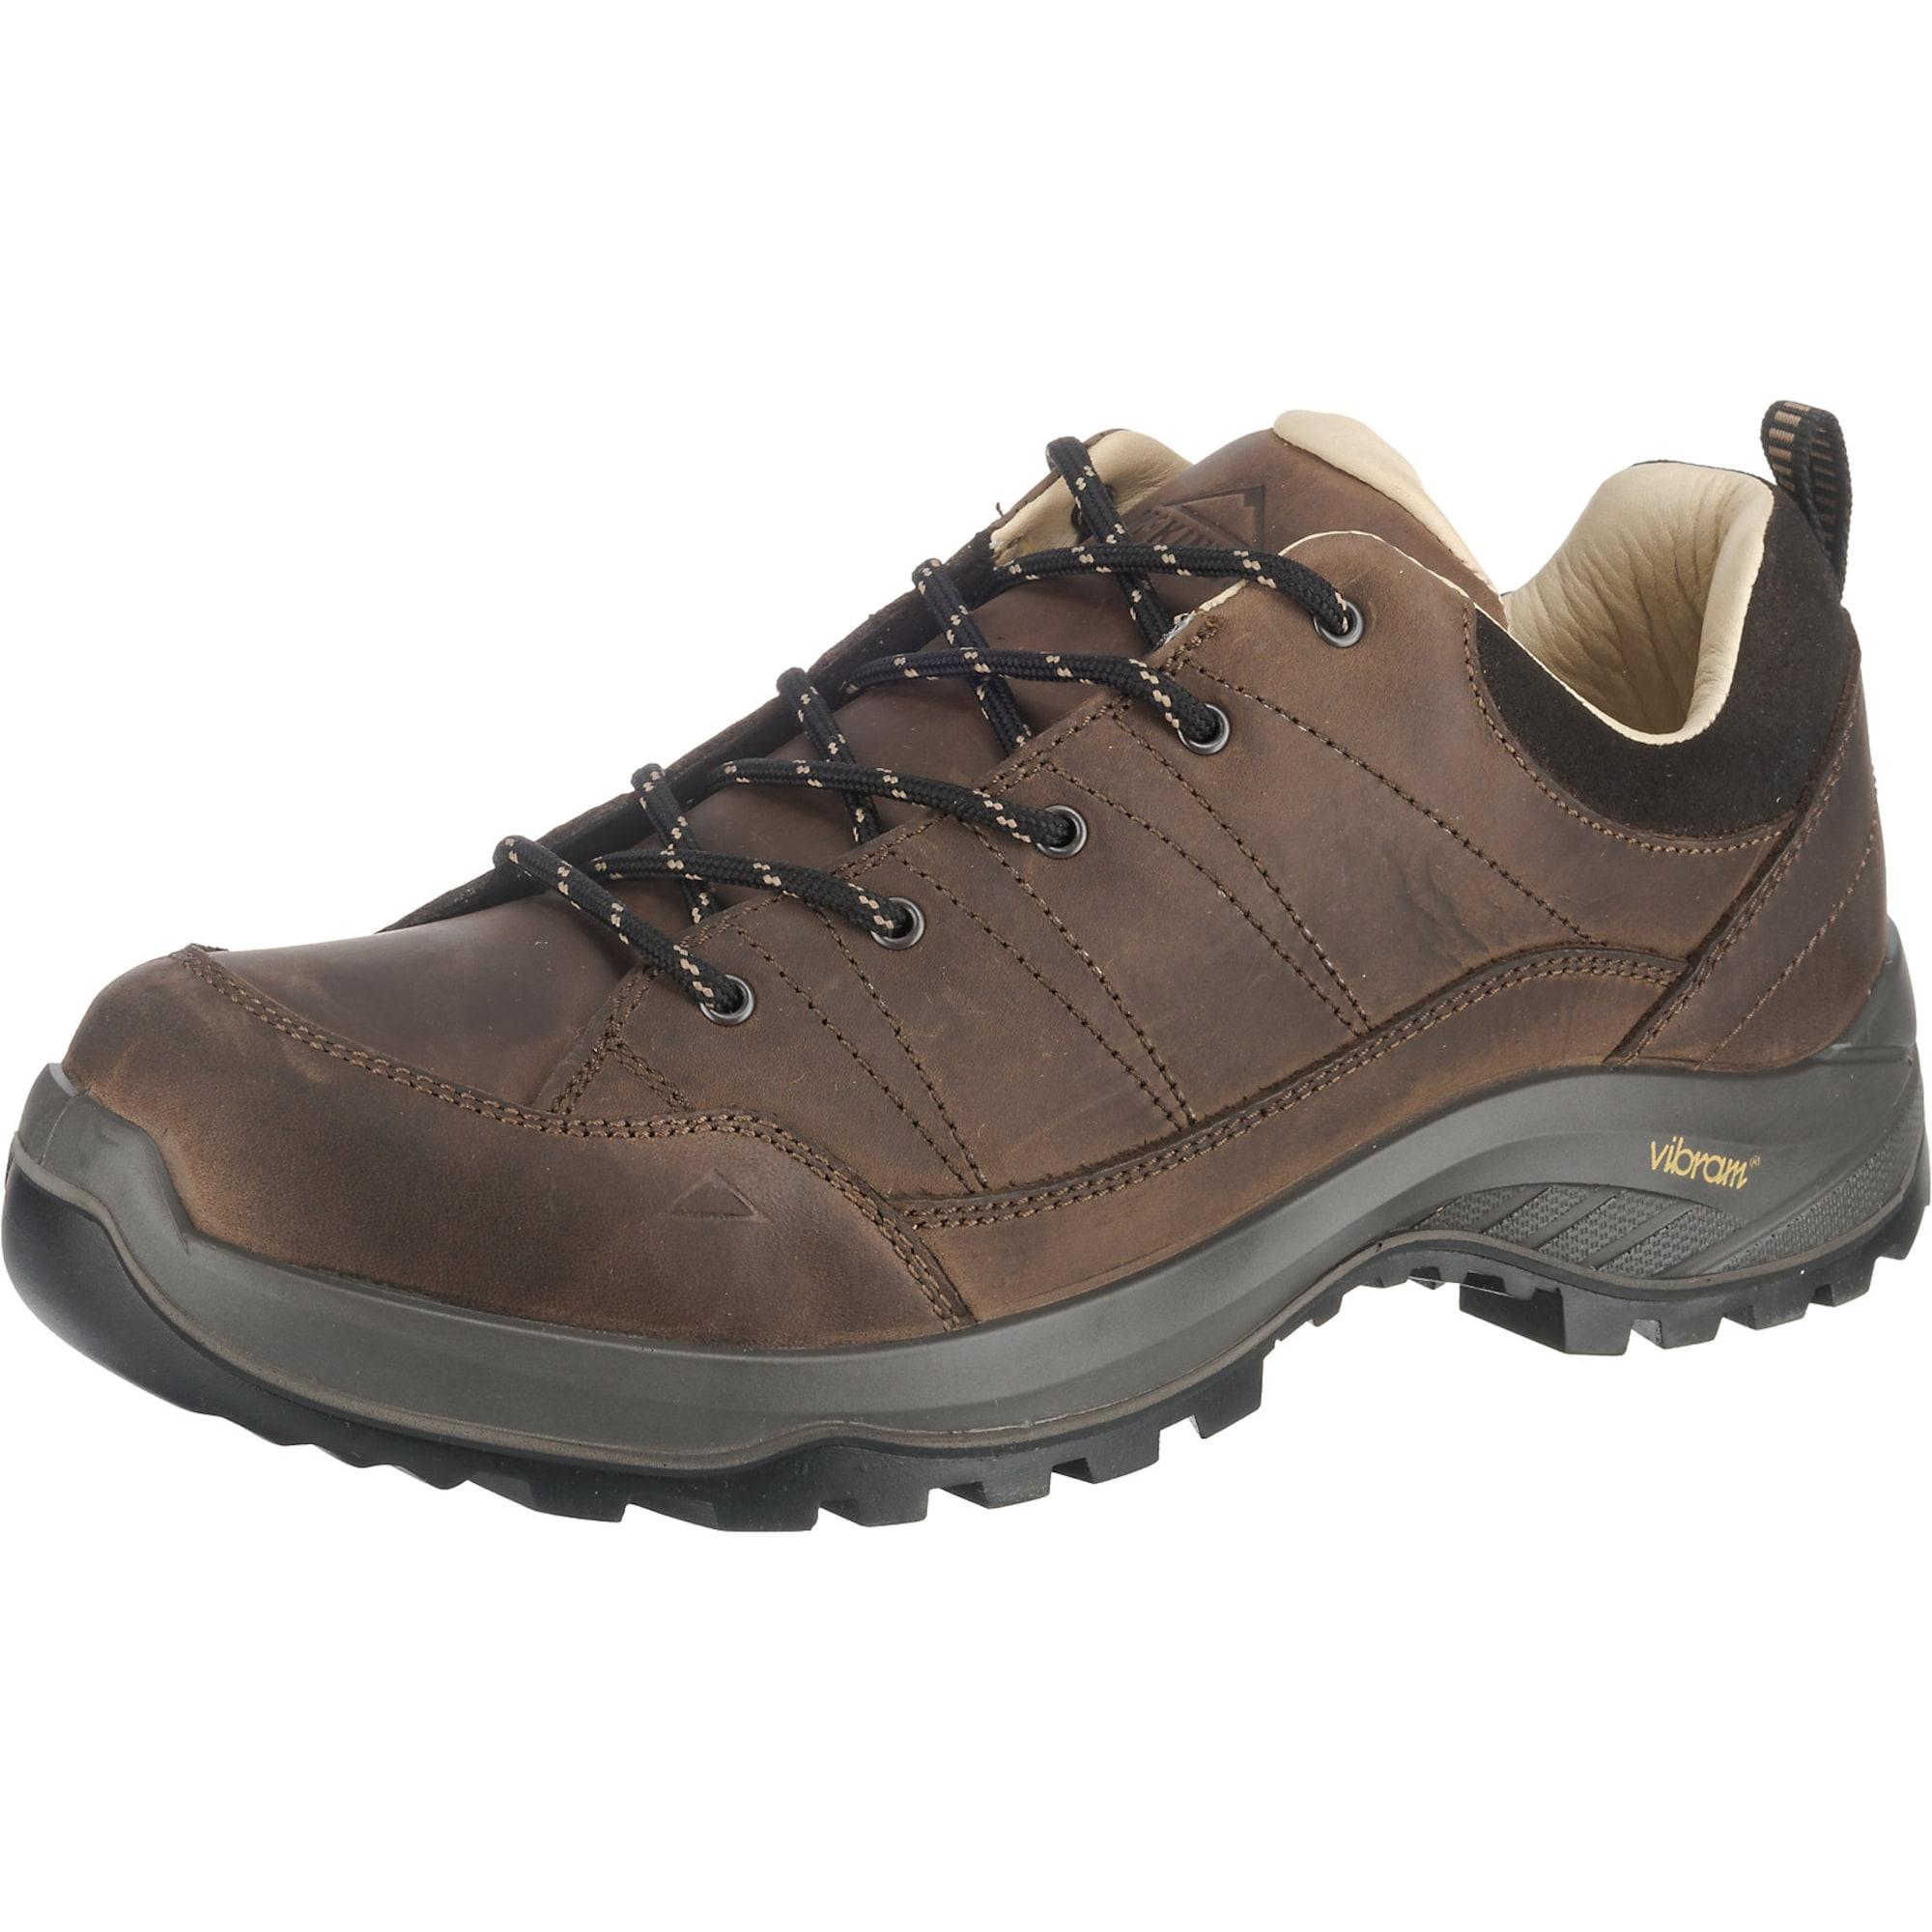 Wanderschuhe 'Oklahoma' | Schuhe > Outdoorschuhe > Wanderschuhe | Braun | mckinley